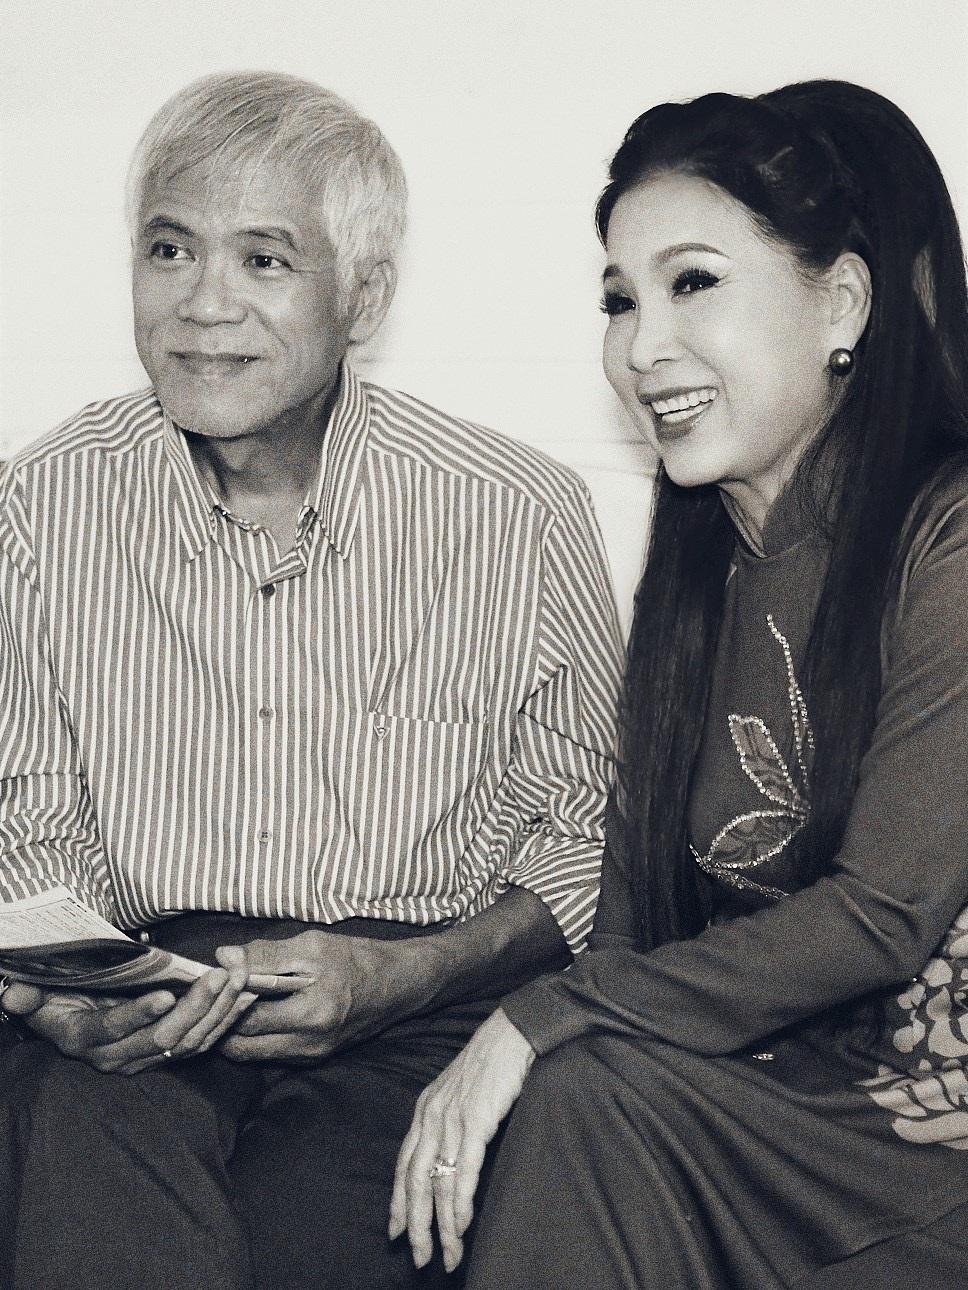 NSƯT Kim Xuân và chồng, người đã gắn bó và cùng cô chia sẻ cuộc sống trong suốt mấy mươi năm qua